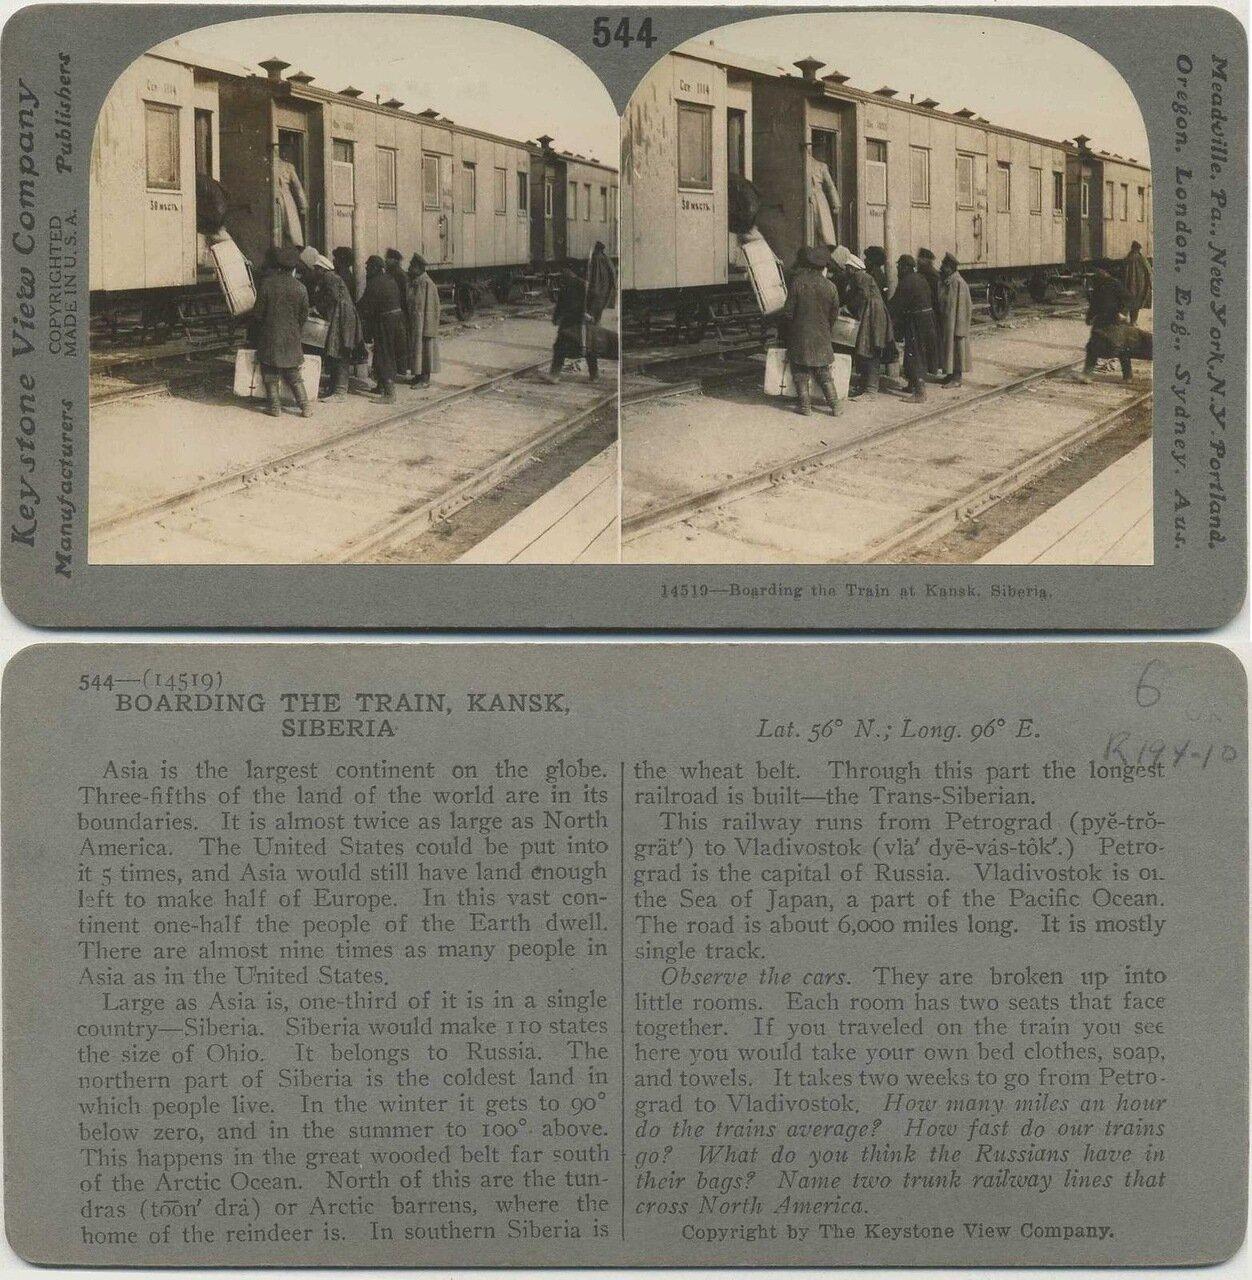 Посадка на поезд в Канске